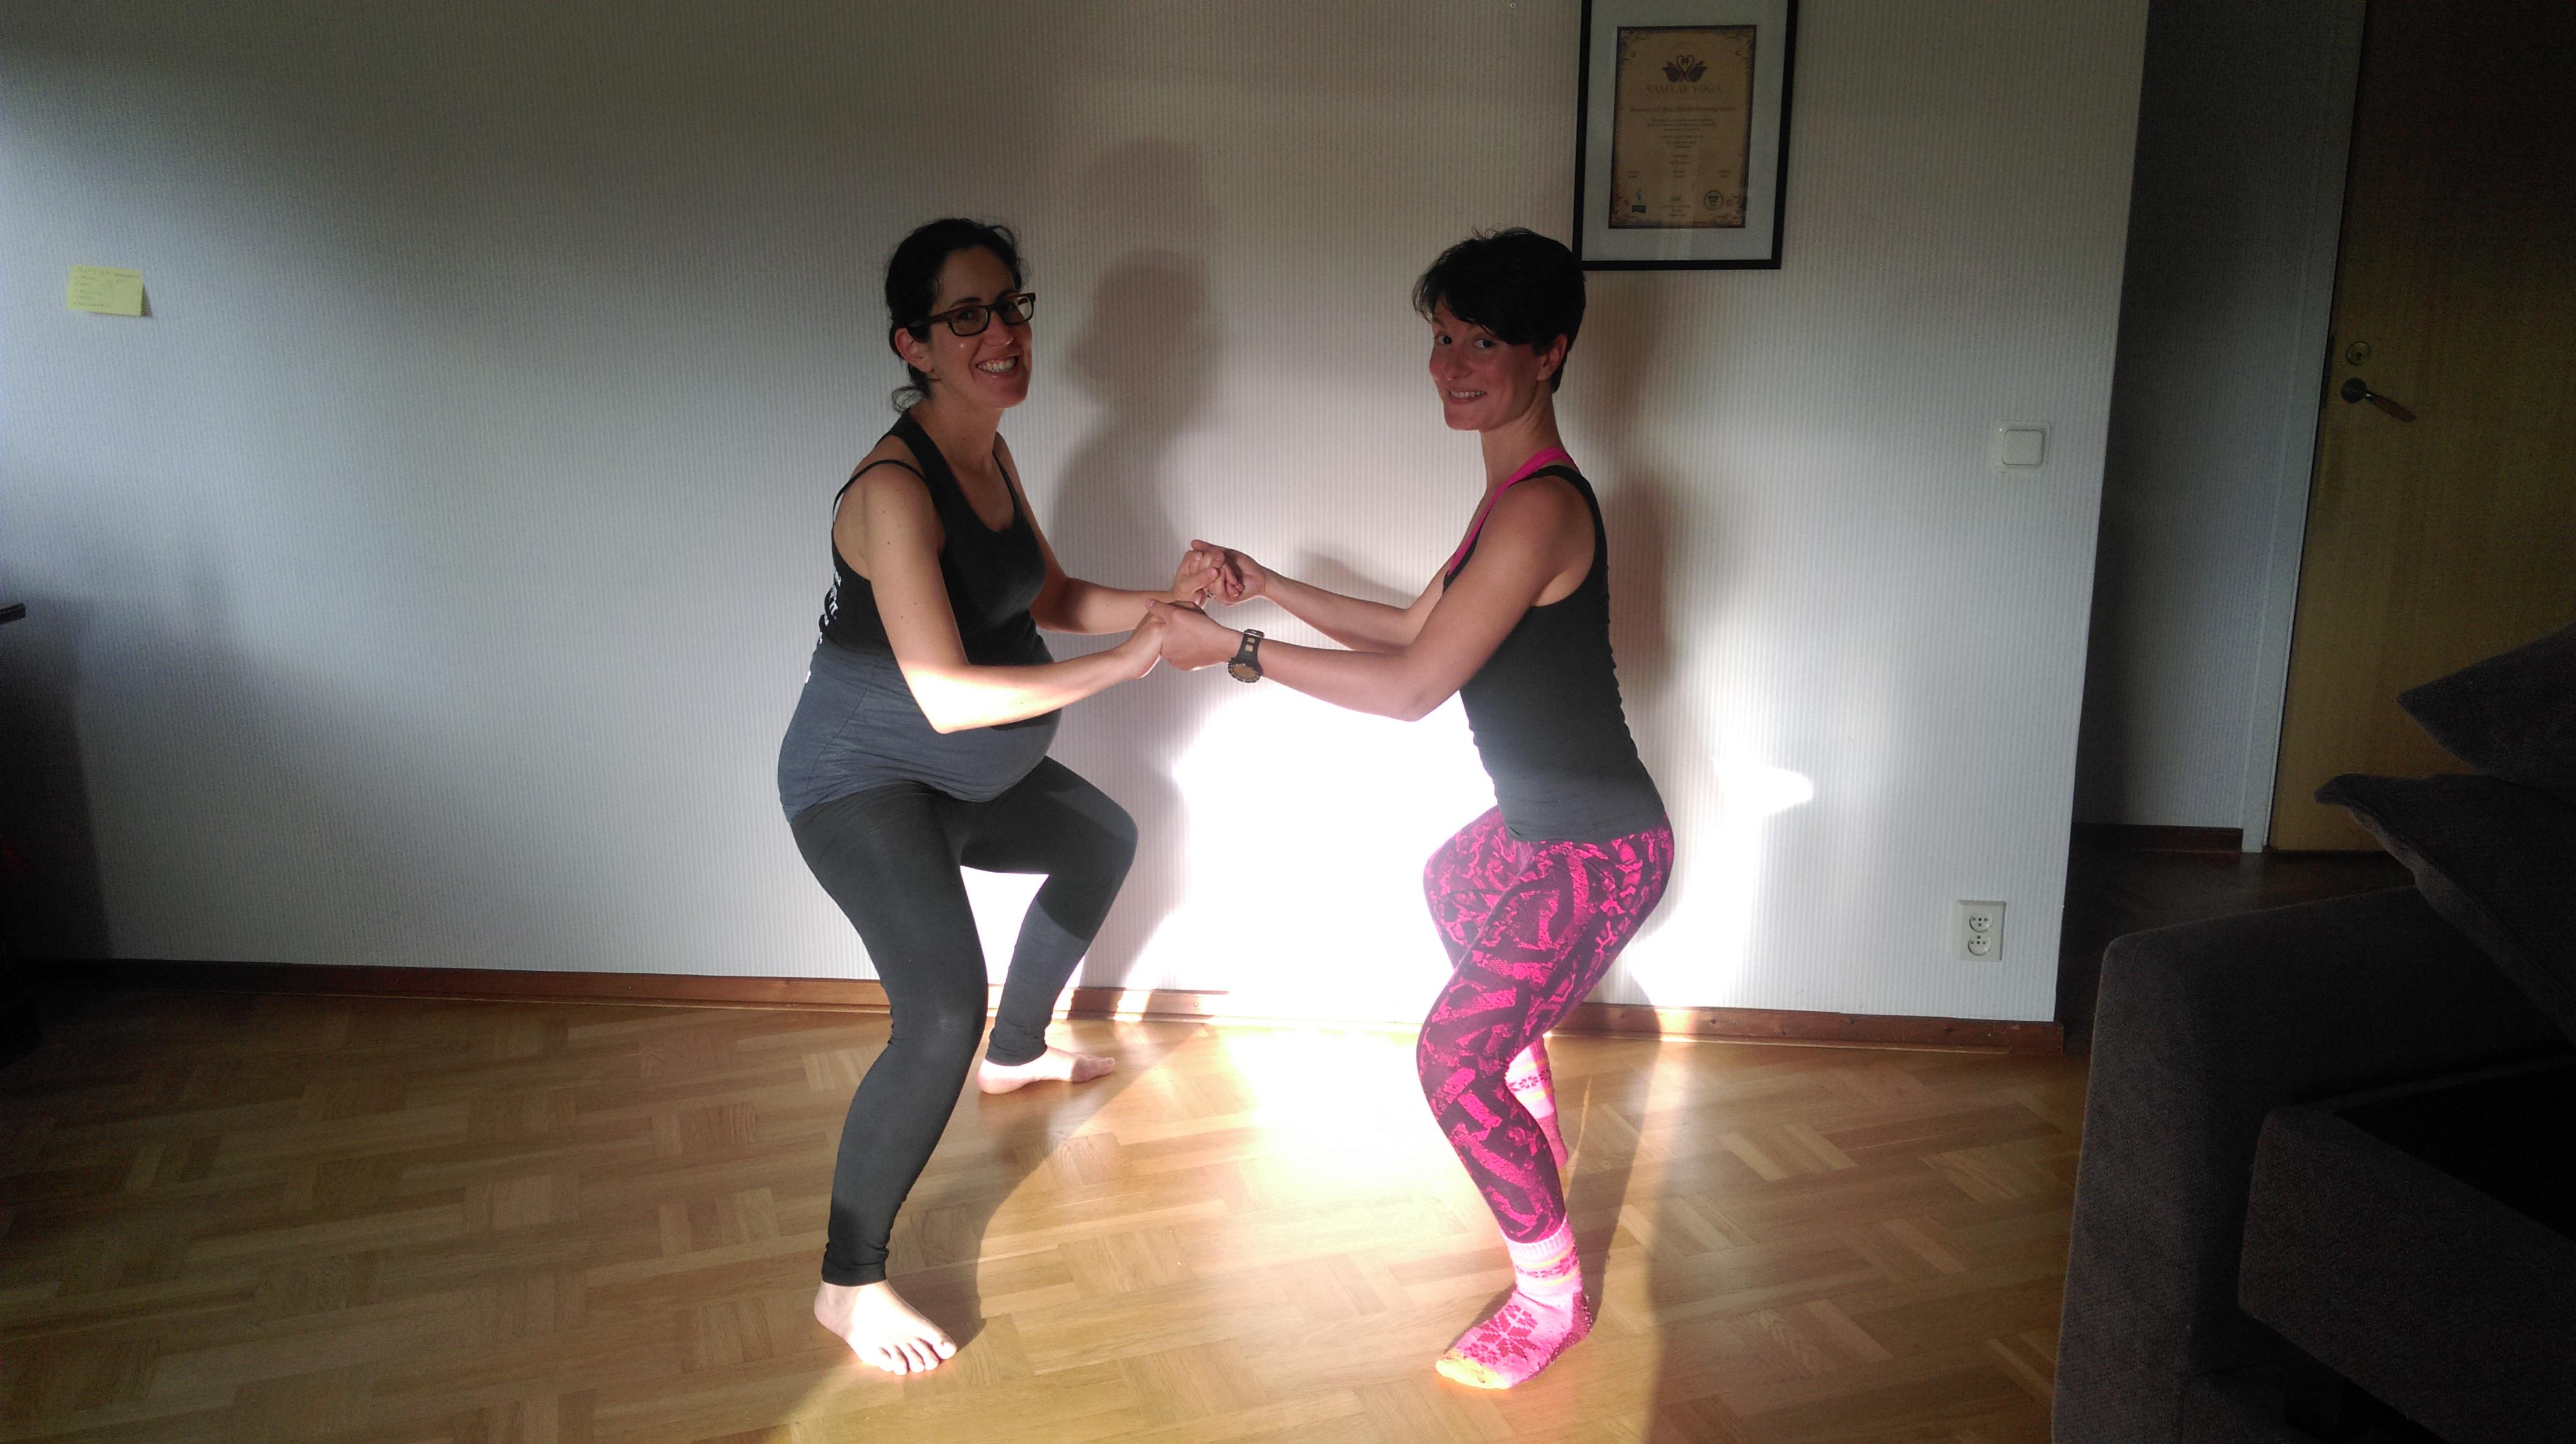 Rocio: Practicing yoga while pregnant